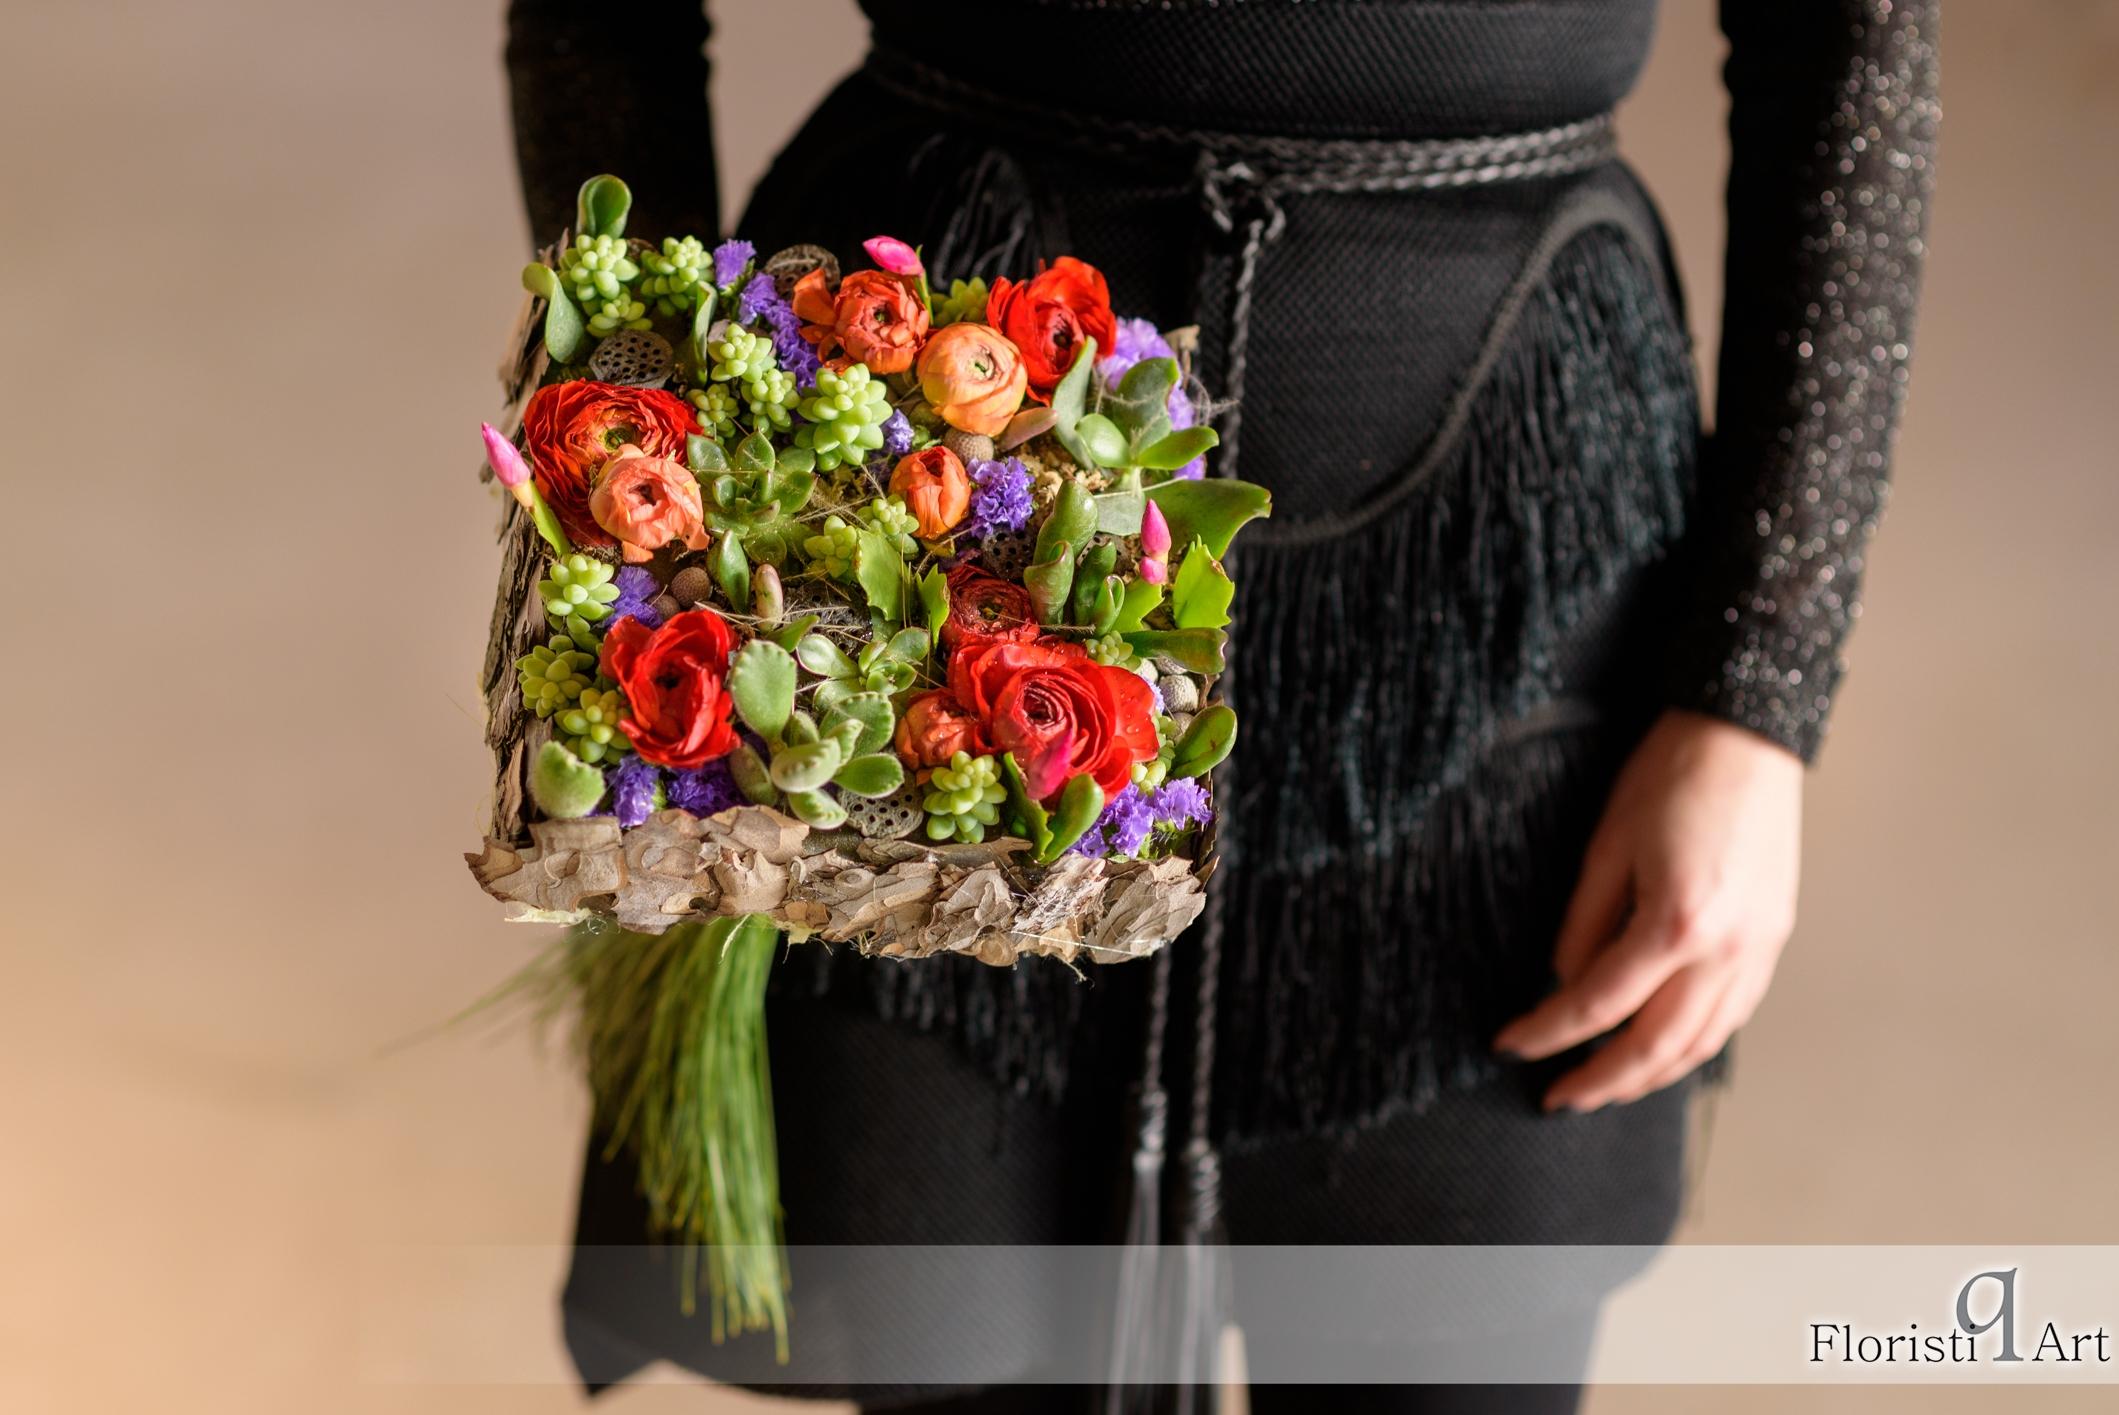 Scrisoare catre tine, florista din noua generatie